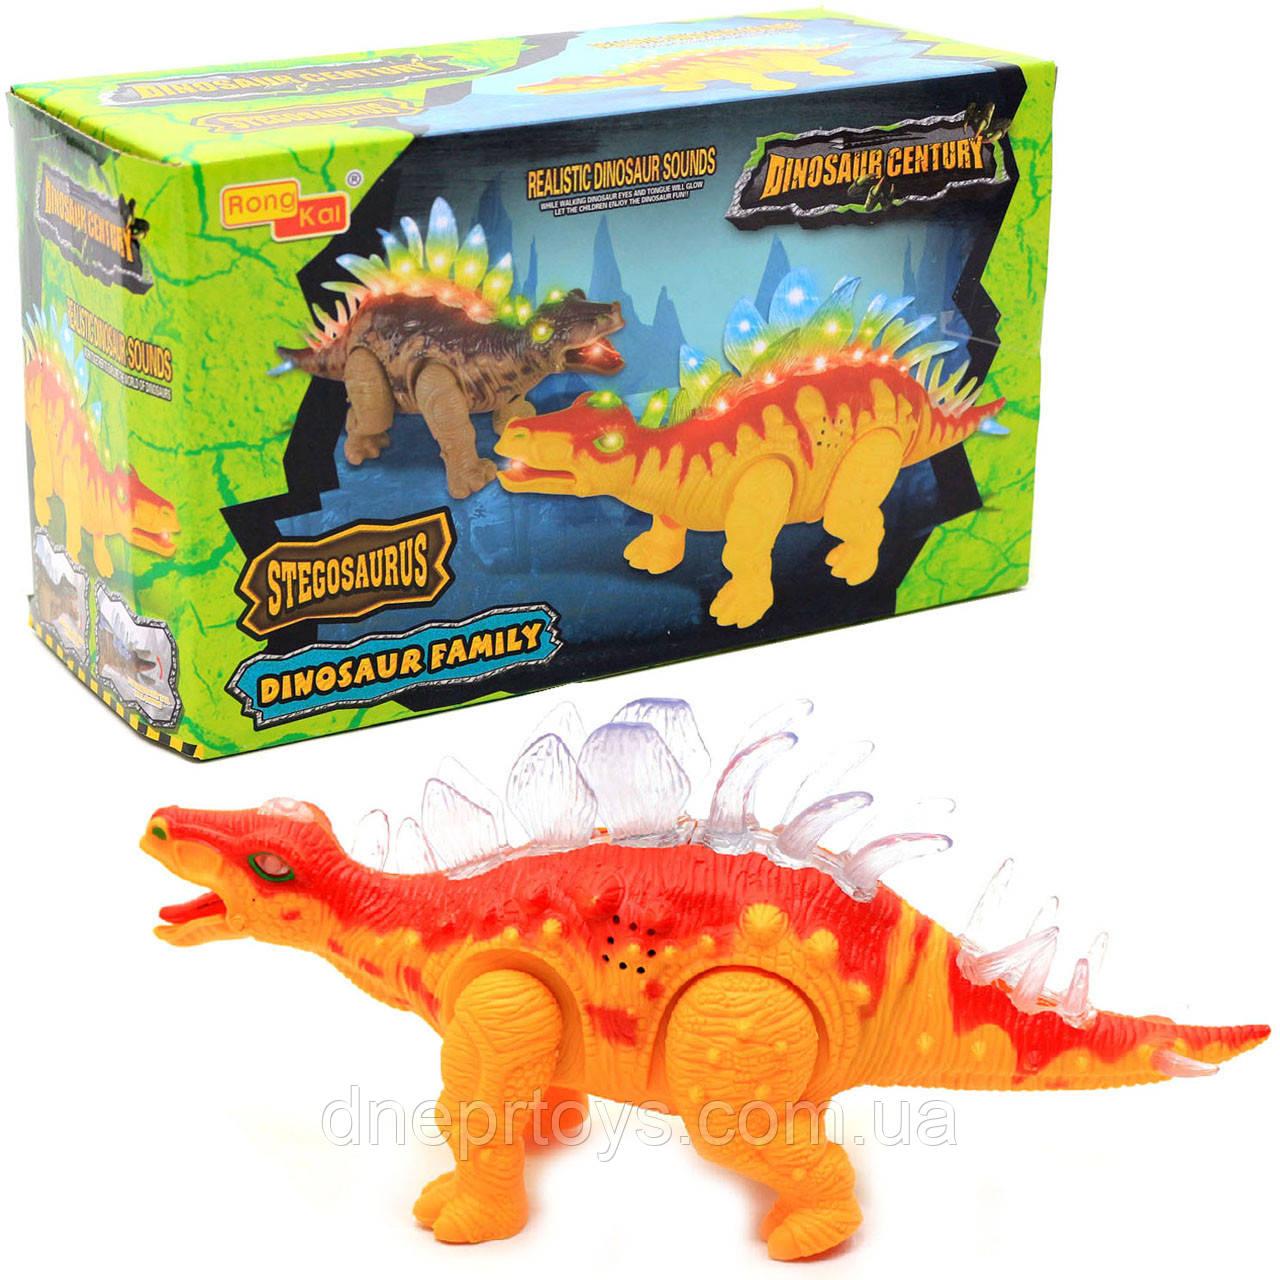 Игрушечный Динозавр Rong Kai, ходит, световые и звуковые эффекты, 35 см (6638-1)